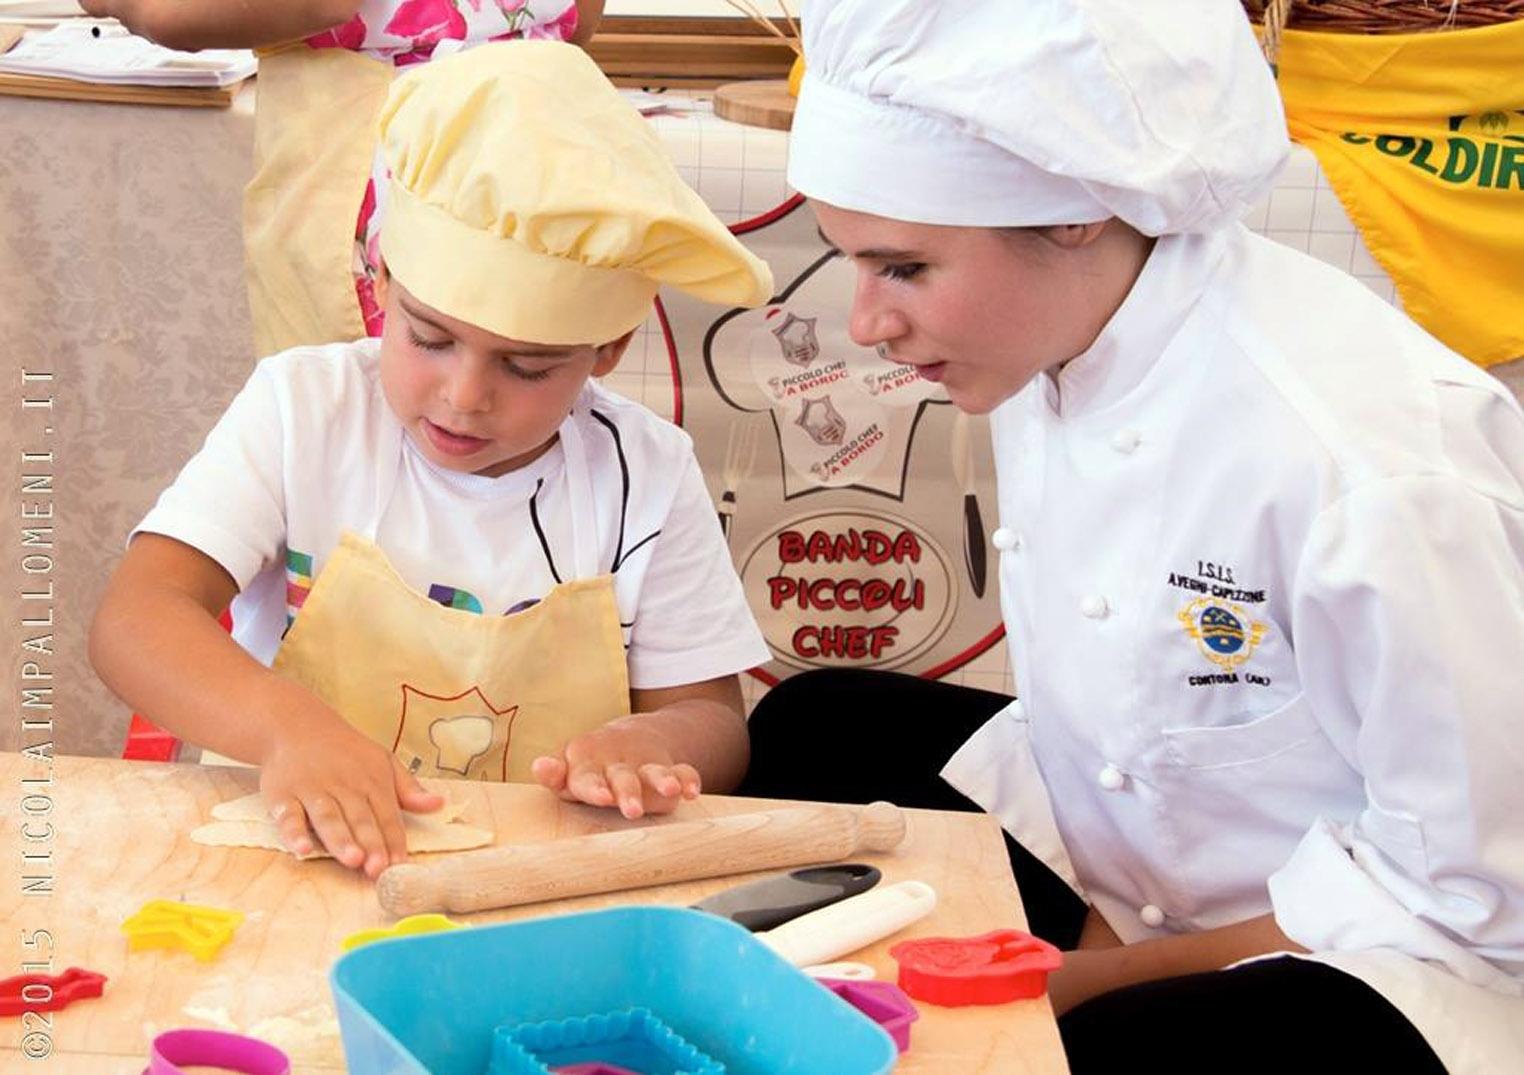 I ragazzi delle scuole protagonisti alla Festa dell'Olio a Lucignano